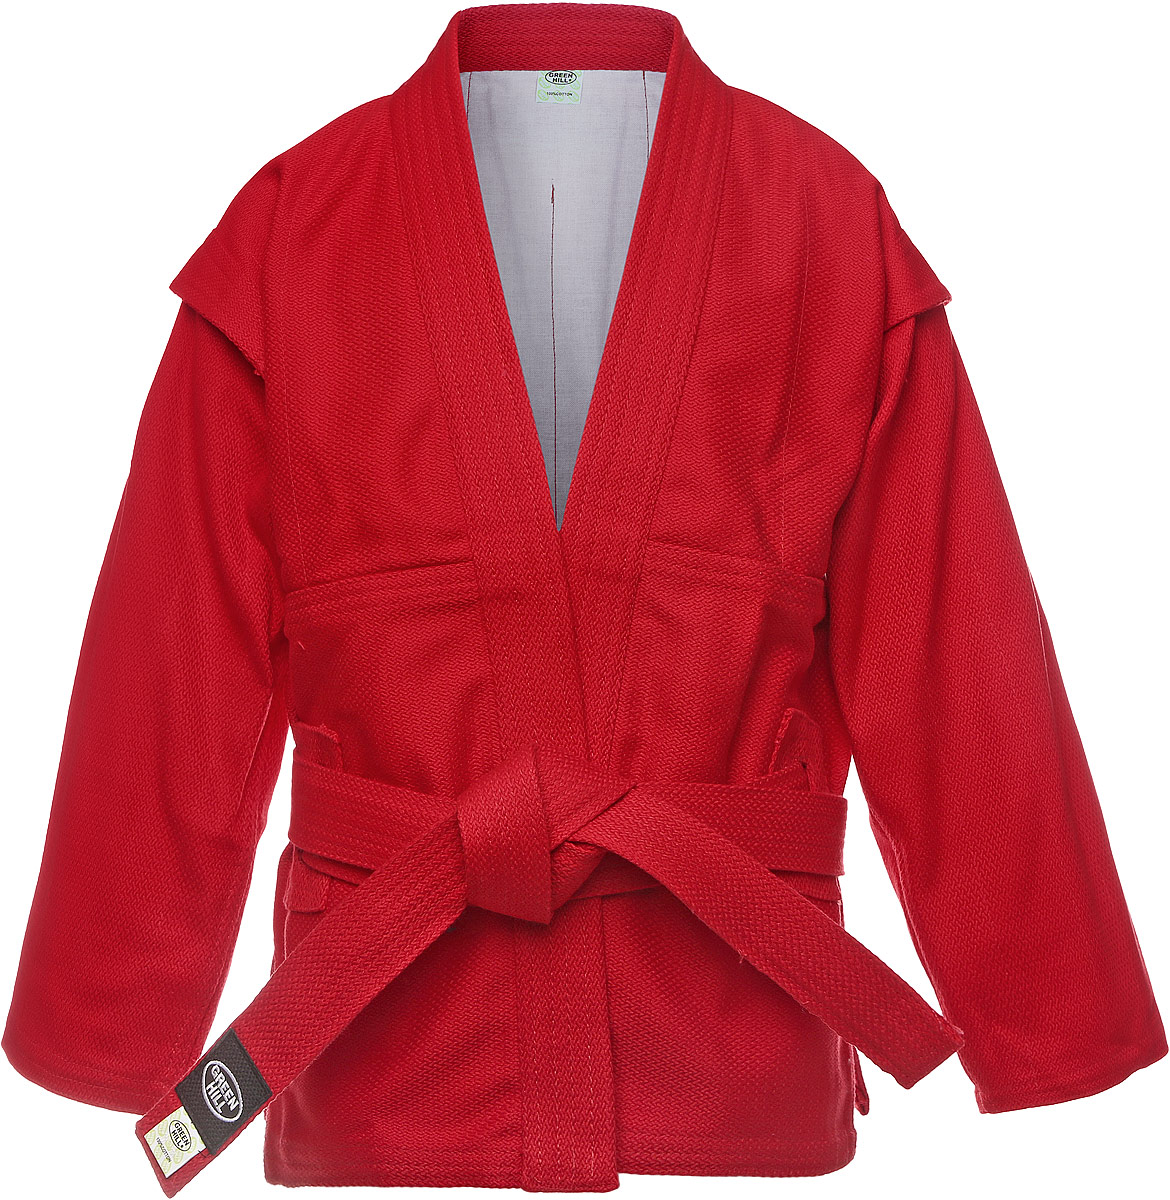 Куртка для самбо Green Hill, цвет: красный. SC-2002. Размер 00/120SC-2002Куртка для занятий самбо Green Hill выполнена из 100% хлопка. Просторная куртка с глубоким запахом и боковыми разрезами. Модель дополнена плотным поясом с многорядной прострочкой. Боковые швы и края укреплены дополнительными строчками.